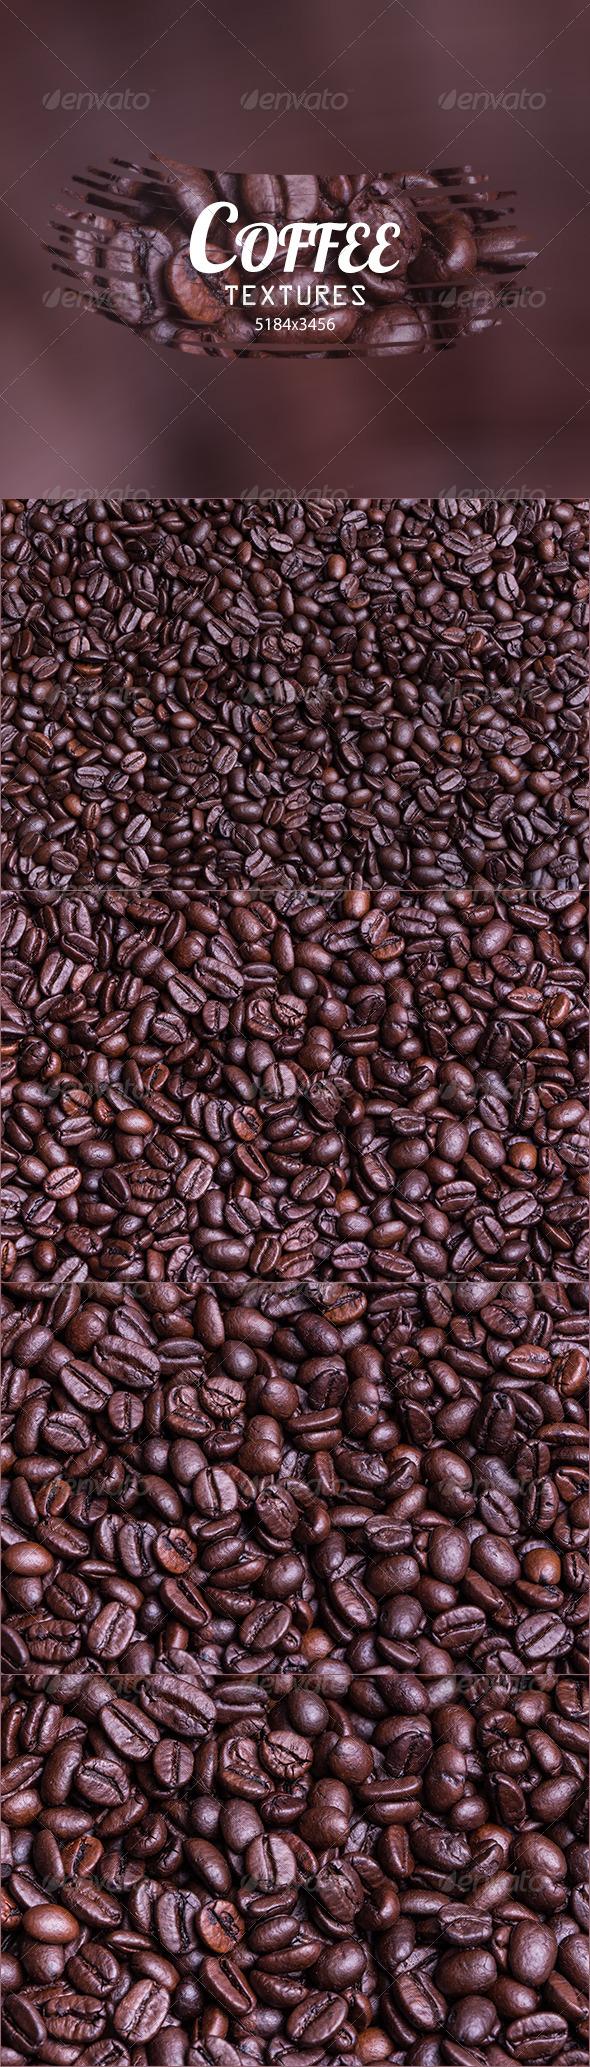 Coffee Textures - Textures